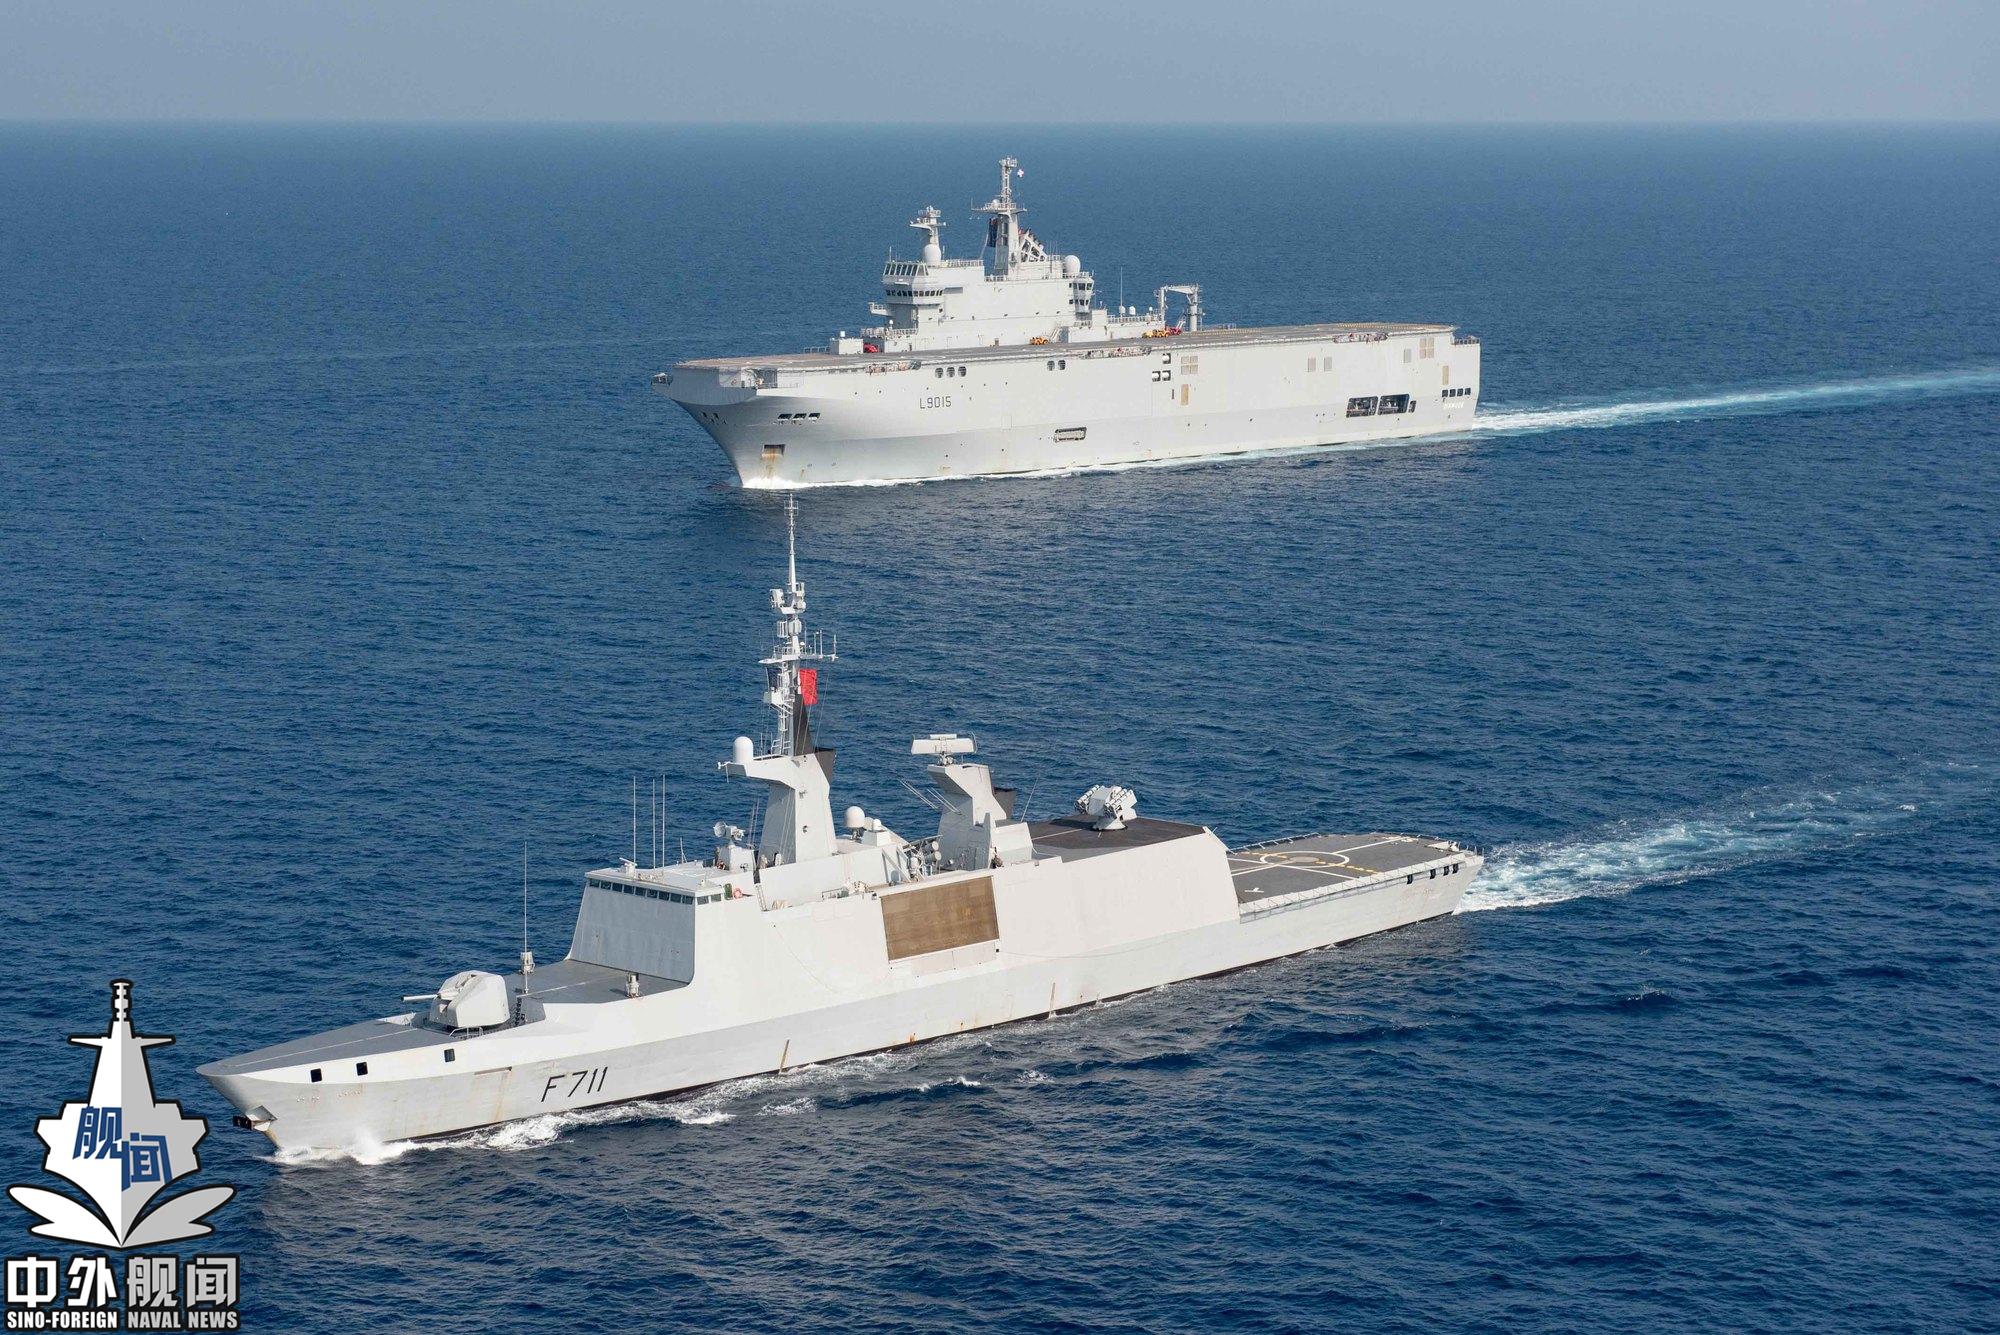 """法称圆满完成""""南海自由航行"""" 亚洲已无舰可用"""